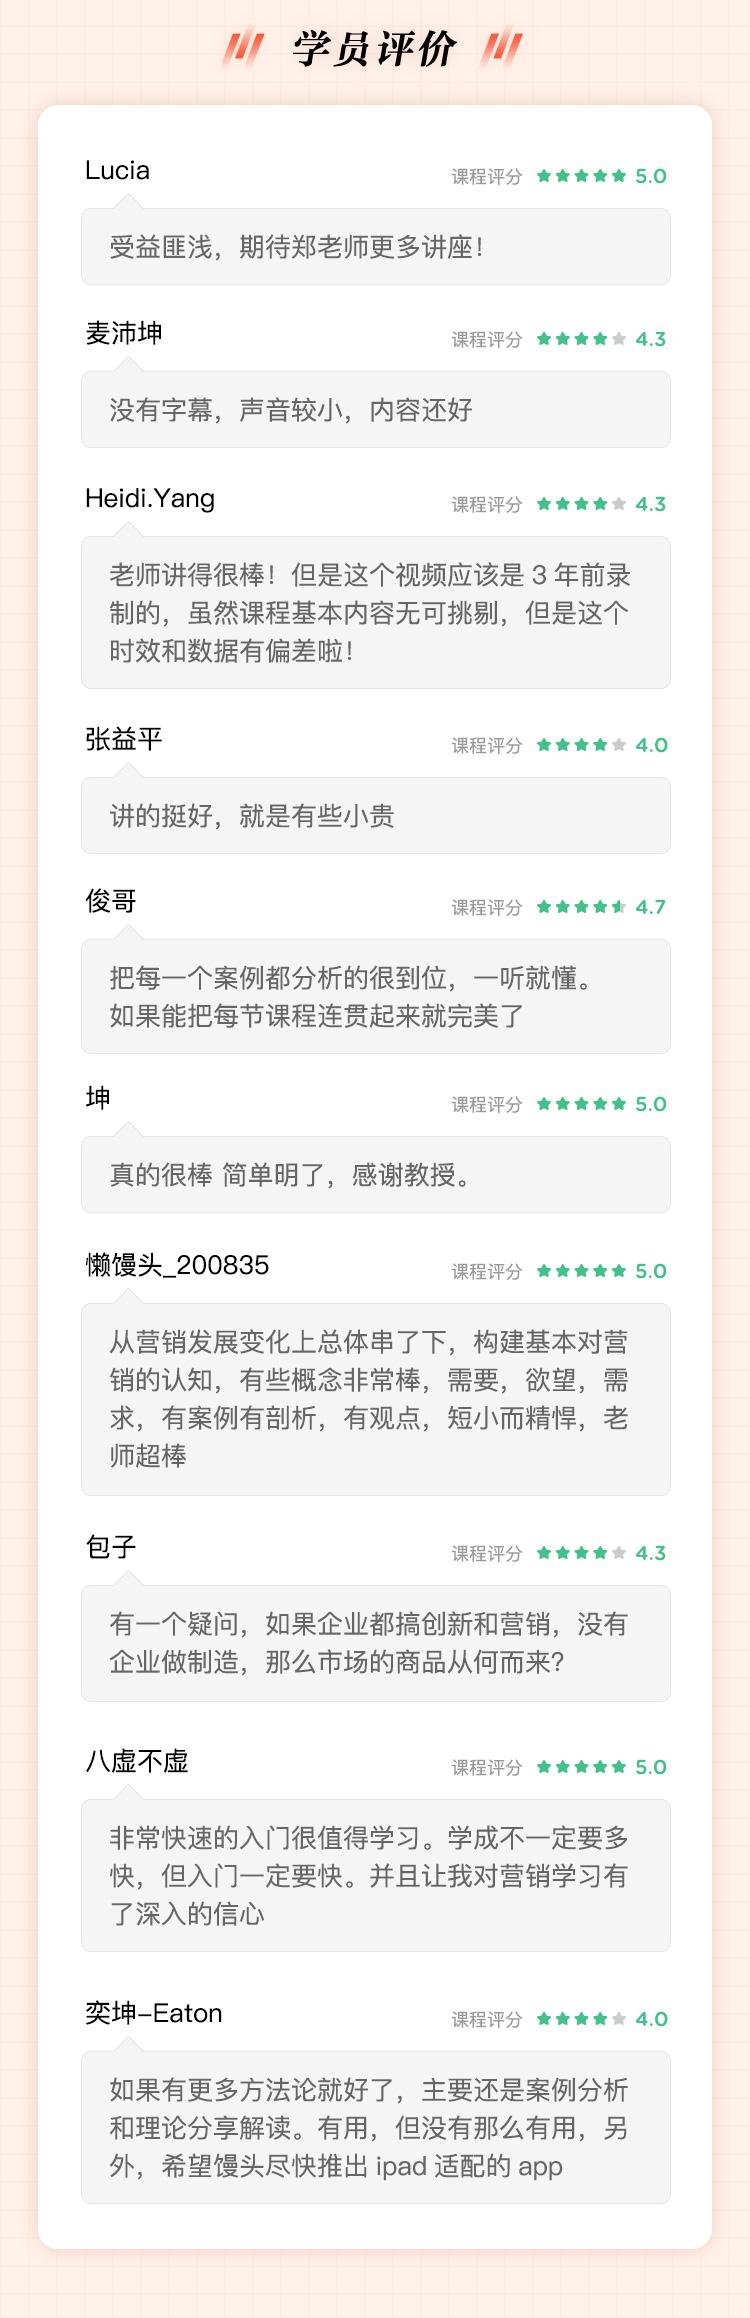 http://mtedu-img.oss-cn-beijing-internal.aliyuncs.com/ueditor/20180614195040_283077.jpg